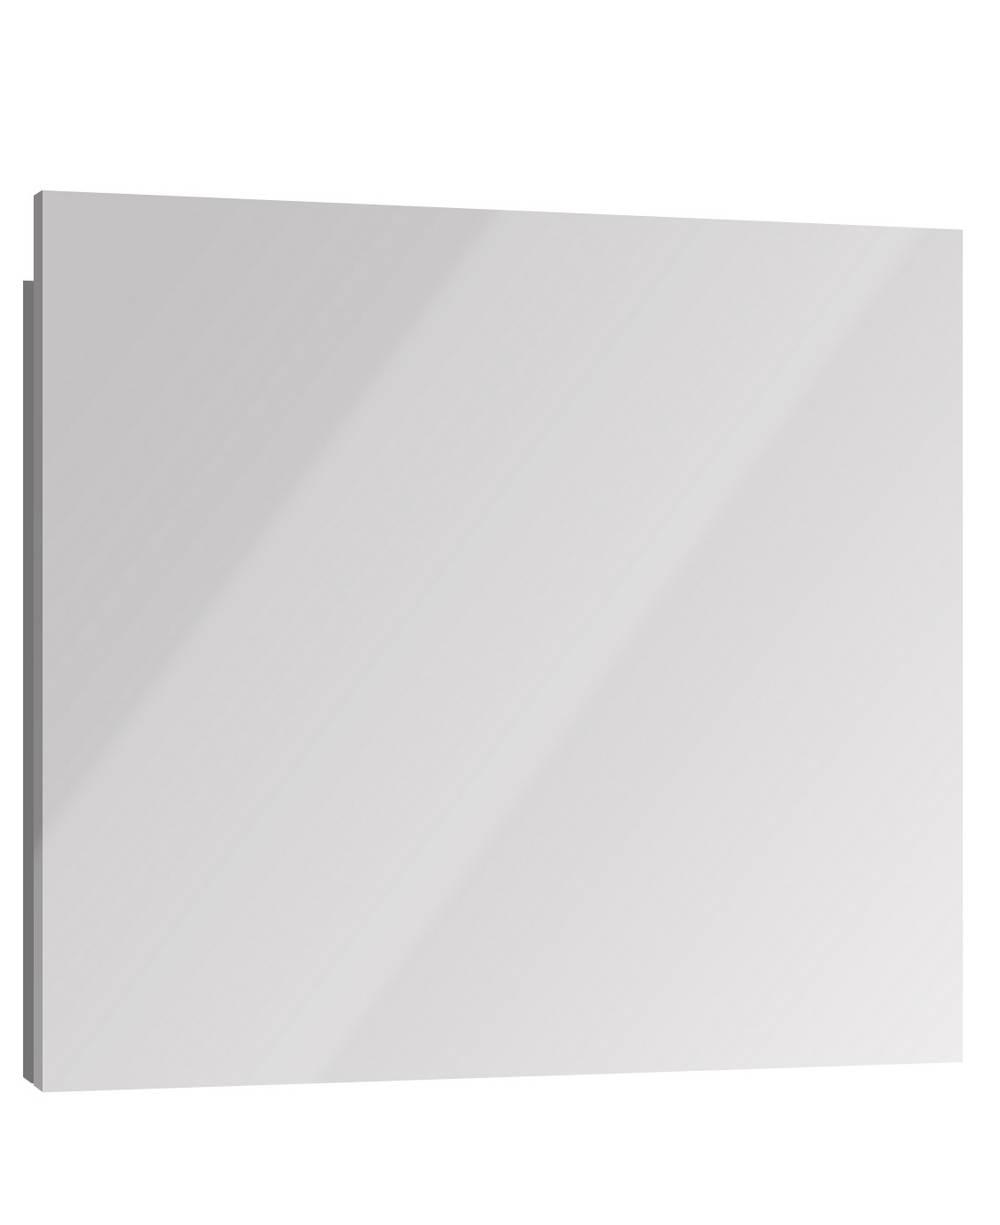 DEKO Spiegel 70 cm